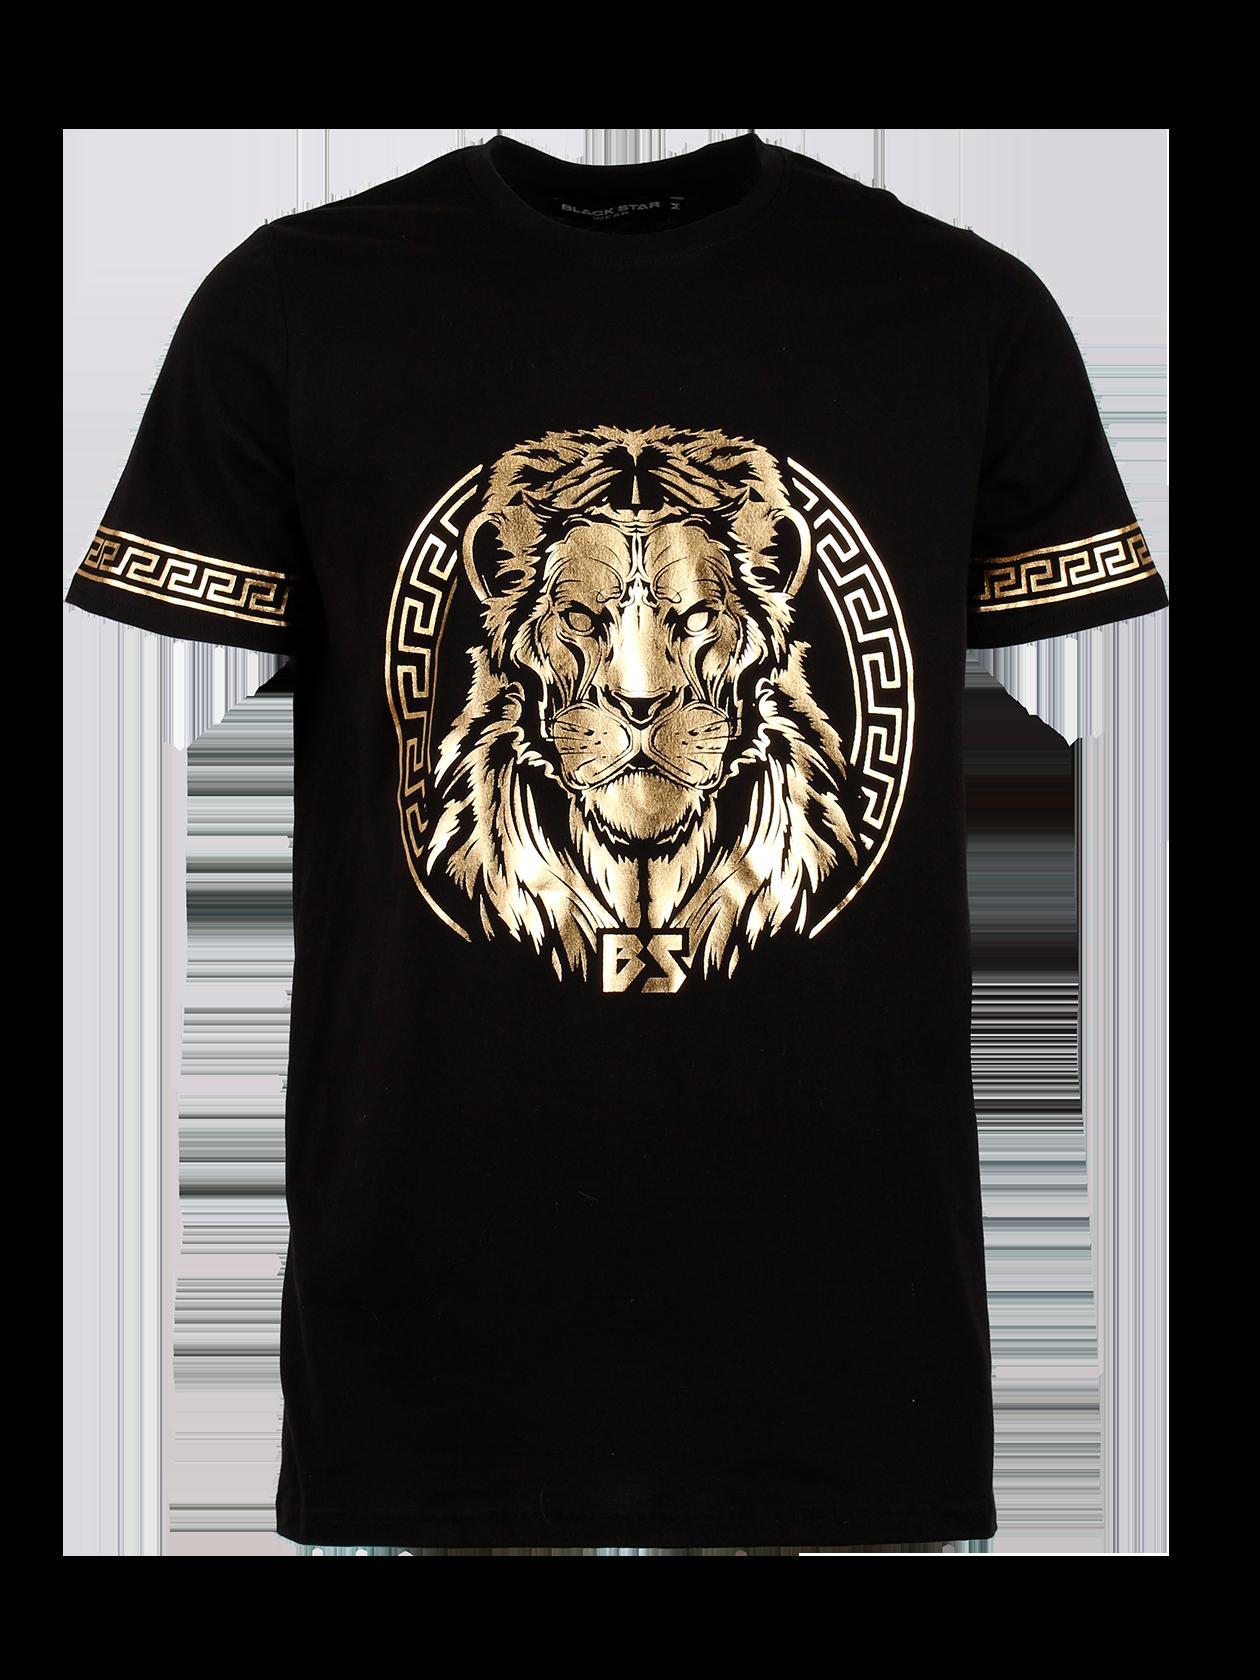 Футболка мужская GOLD LIONФутболка мужская Gold Lion – вещь, достойная стать частью повседневного гардероба. Удлиненная базовая модель свободного прямого кроя. Неглубокая горловина дополнена жаккардовой нашивкой с логотипом Black Star Wear на внутренней стороне. По краю рукава оформлен принт с греческим орнаментом. На полочке эффектный золотистый рисунок в виде головы льва в круге и символов BS. Натуральный хлопковый материал премиального качества обеспечивает высокую практичность изделия. Футболка представлена в черном цвете.<br><br>Размер: XS<br>Цвет: Черный<br>Пол: Мужской